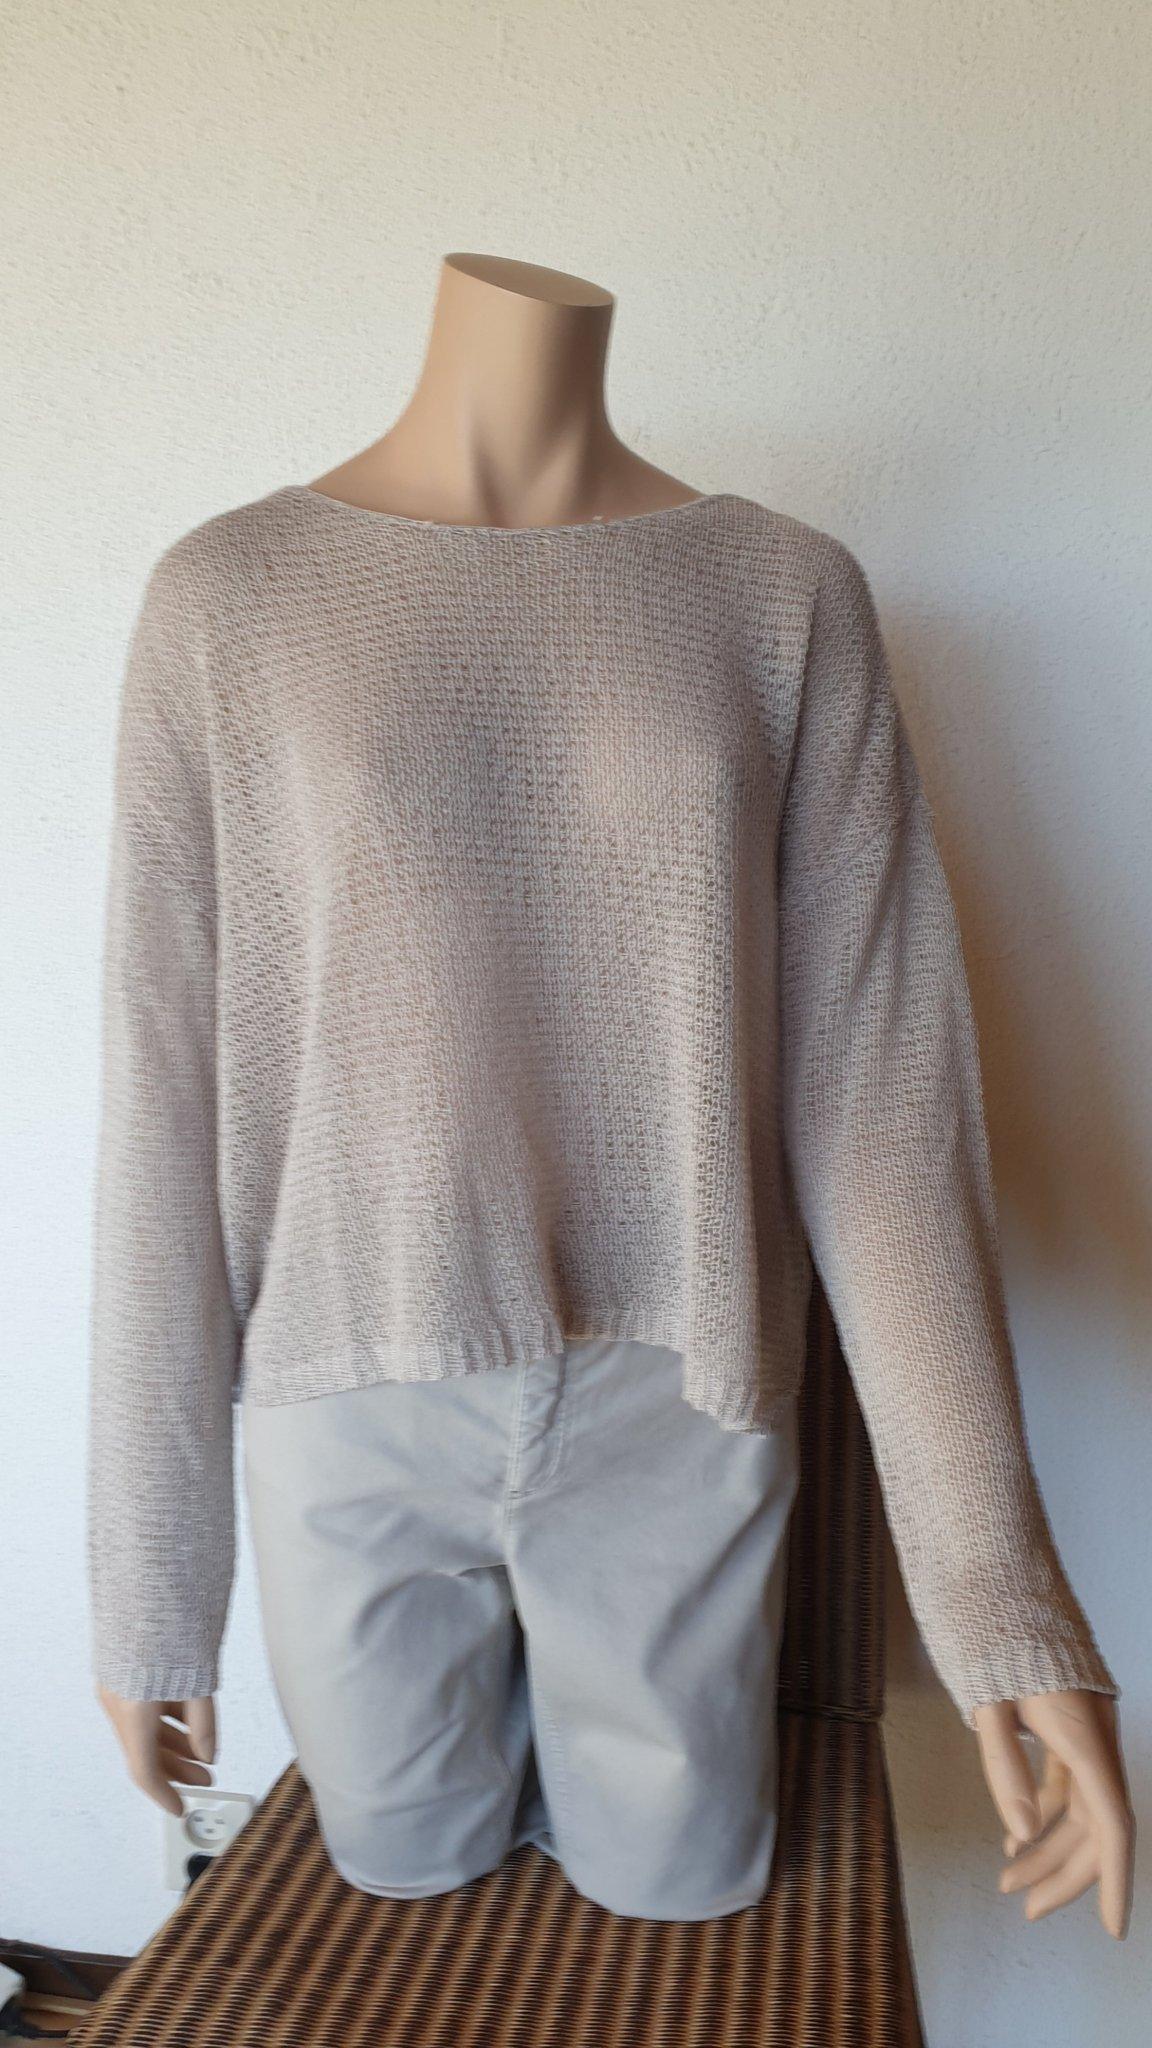 Oui stickad tröja, beige, stl. 42 (397514371) ᐈ Köp på Tradera